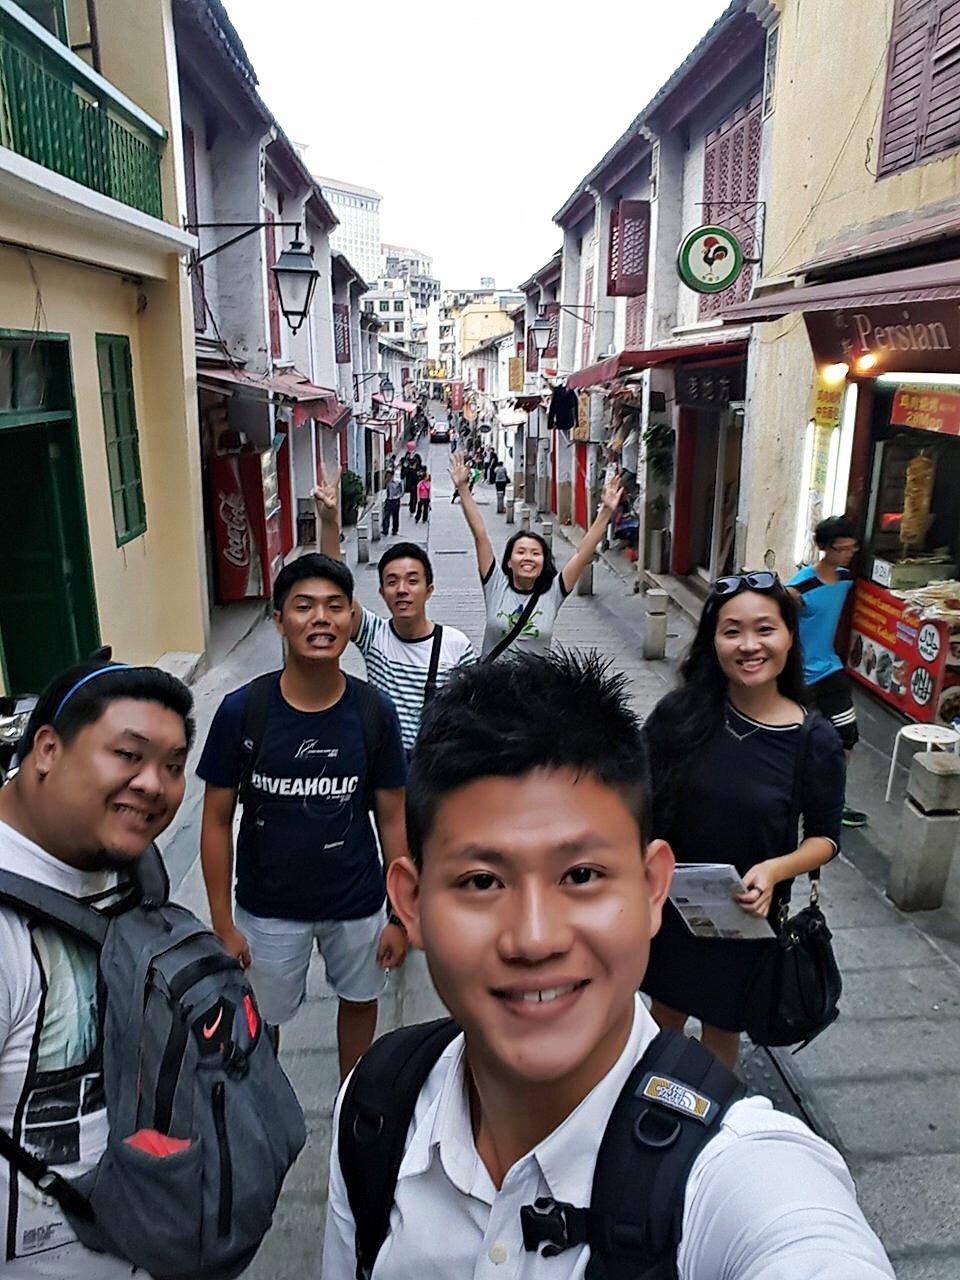 6 Nov 2015: Rua de Felicidade | Macau, China